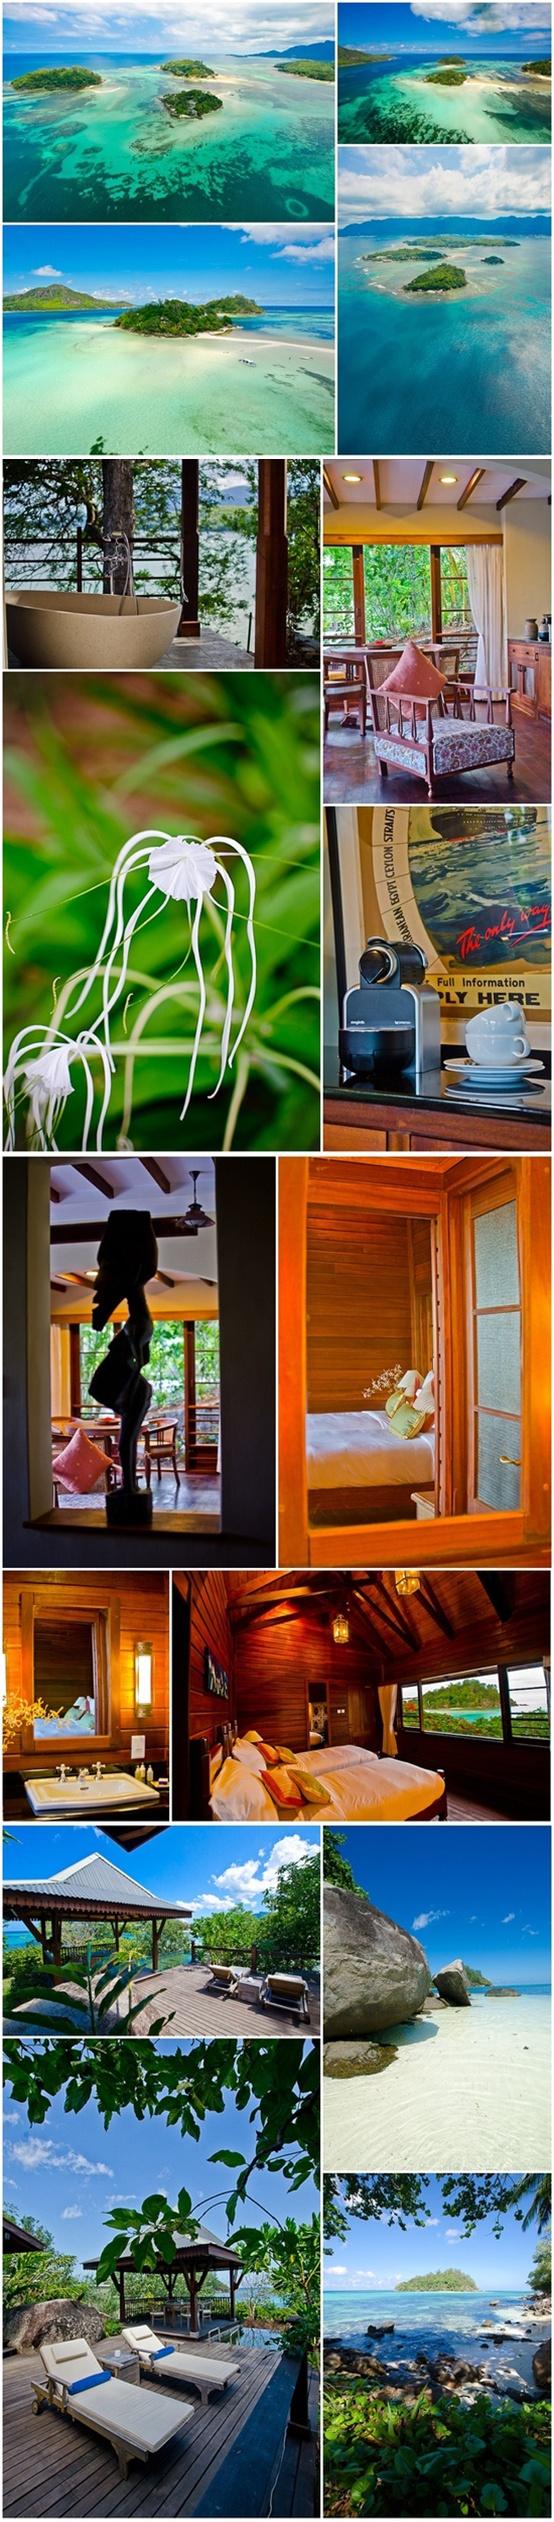 Отель «Enchanted Island Resort» ***** (остров Раунд, Сейшельские острова).  Подробности: +7 495 9332333, sale@inna.ru, www.inna.ru   Будьте с нами! Открывайте мир с нами! Путешествуйте с нами!